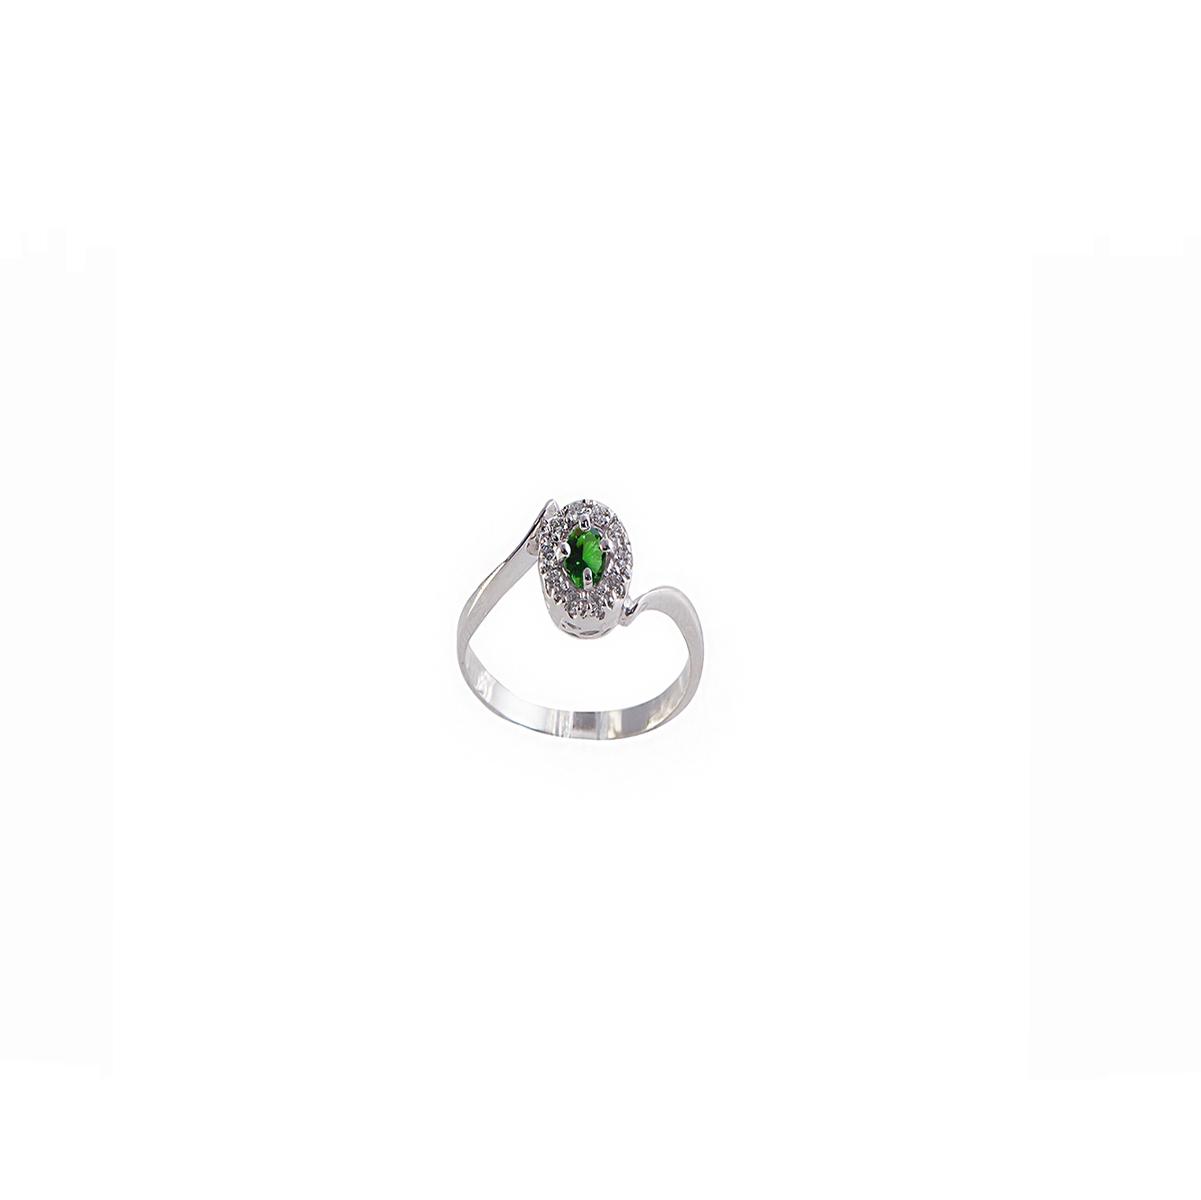 anello smeraldo e diamanti anf01s-02-03